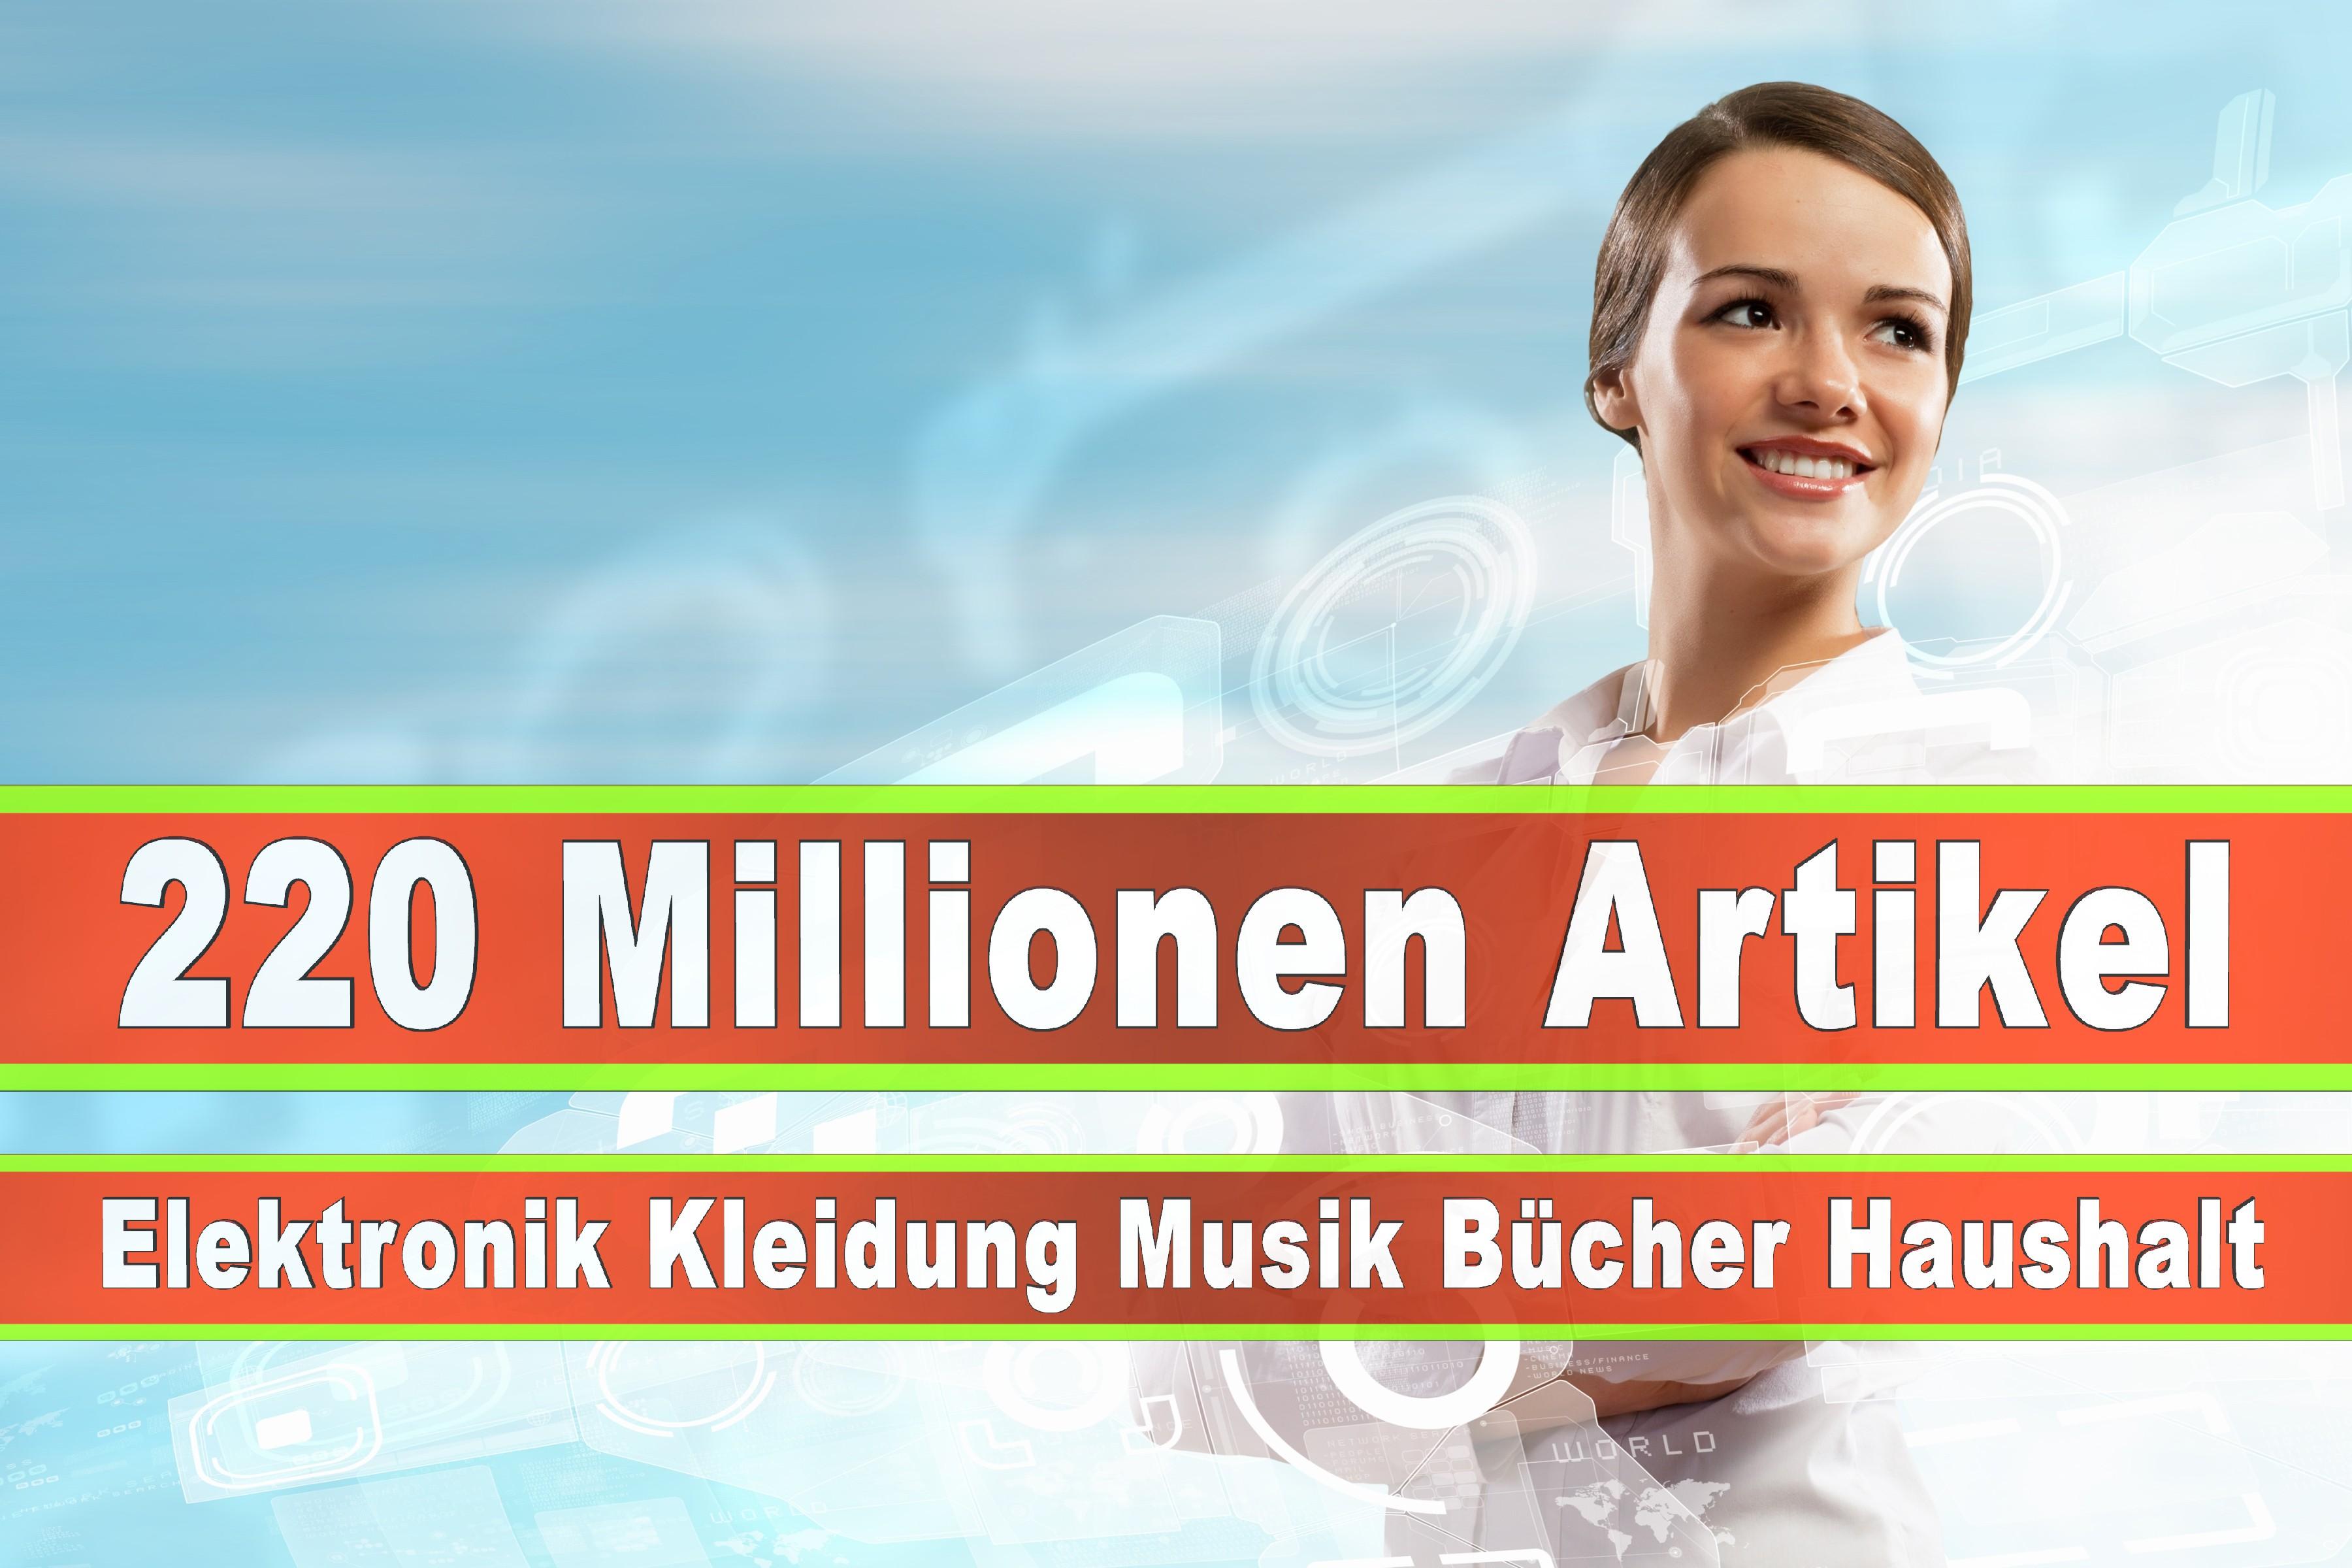 Amazon Elektronik Musik Haushalt Bücher CD DVD Handys Smartphones TV Television Fernseher Kleidung Mode Ebay Versandhaus (36)